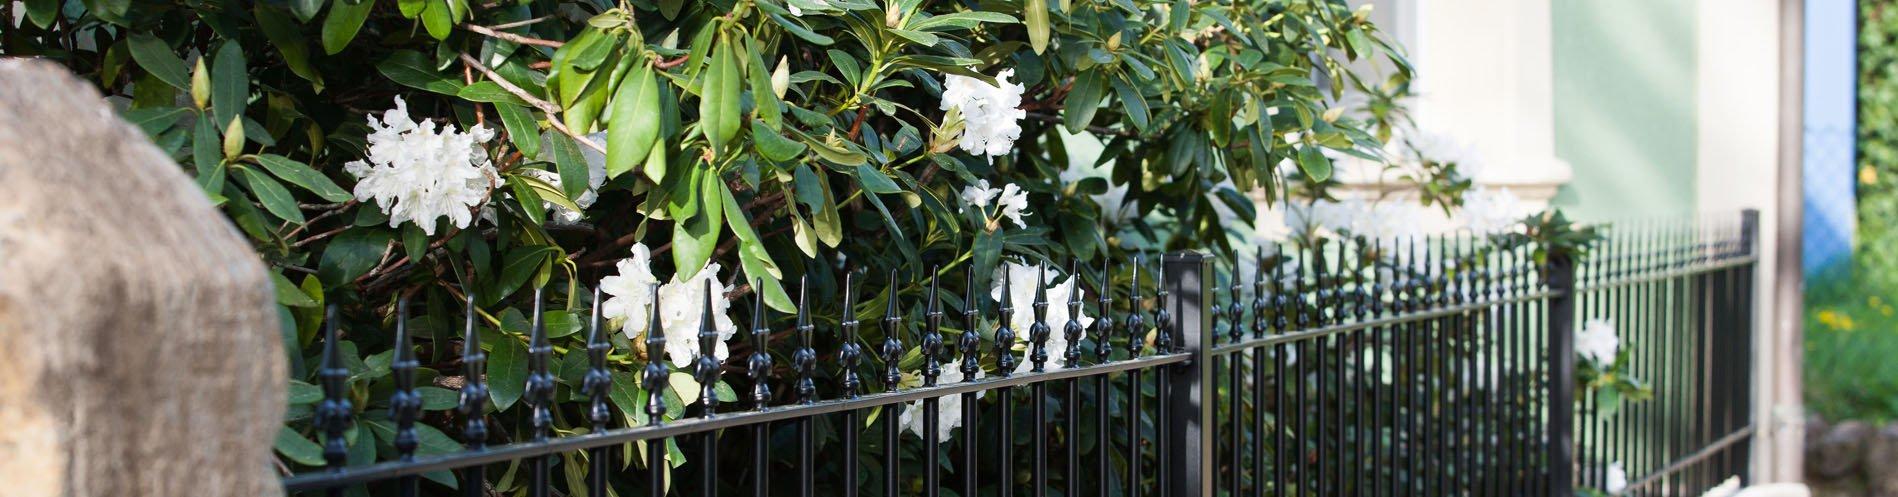 Gartenzäune aus Metall in anthrazit